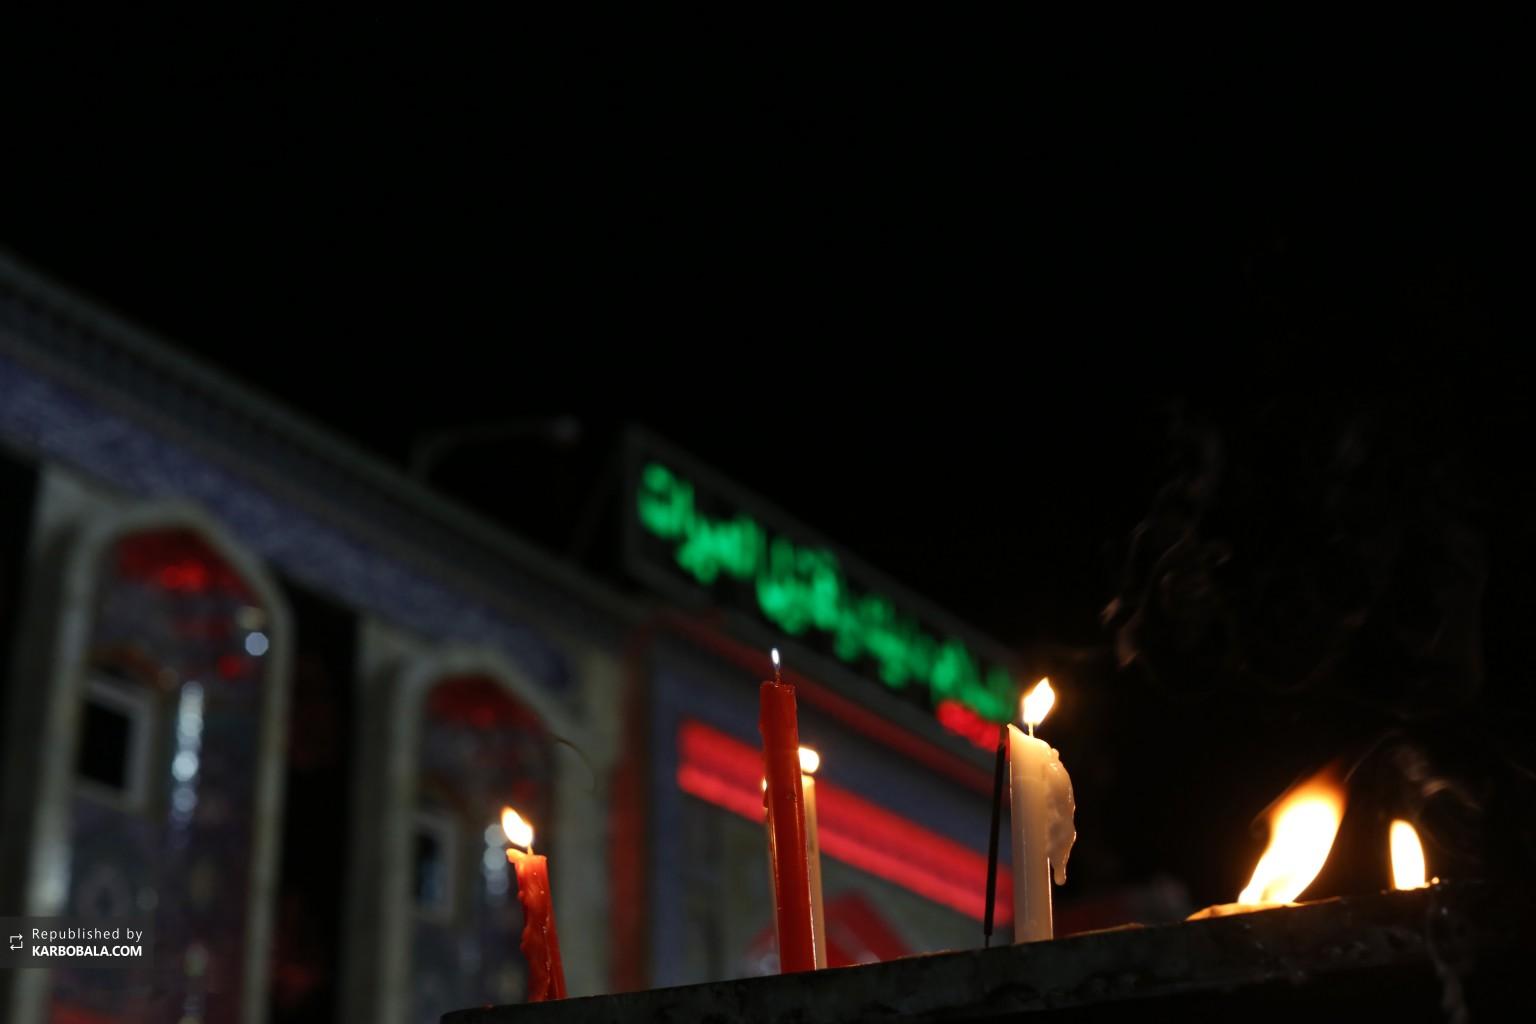 شمع های روشن شده به مناسبت شهادت سیدالشهداء علیه السلام